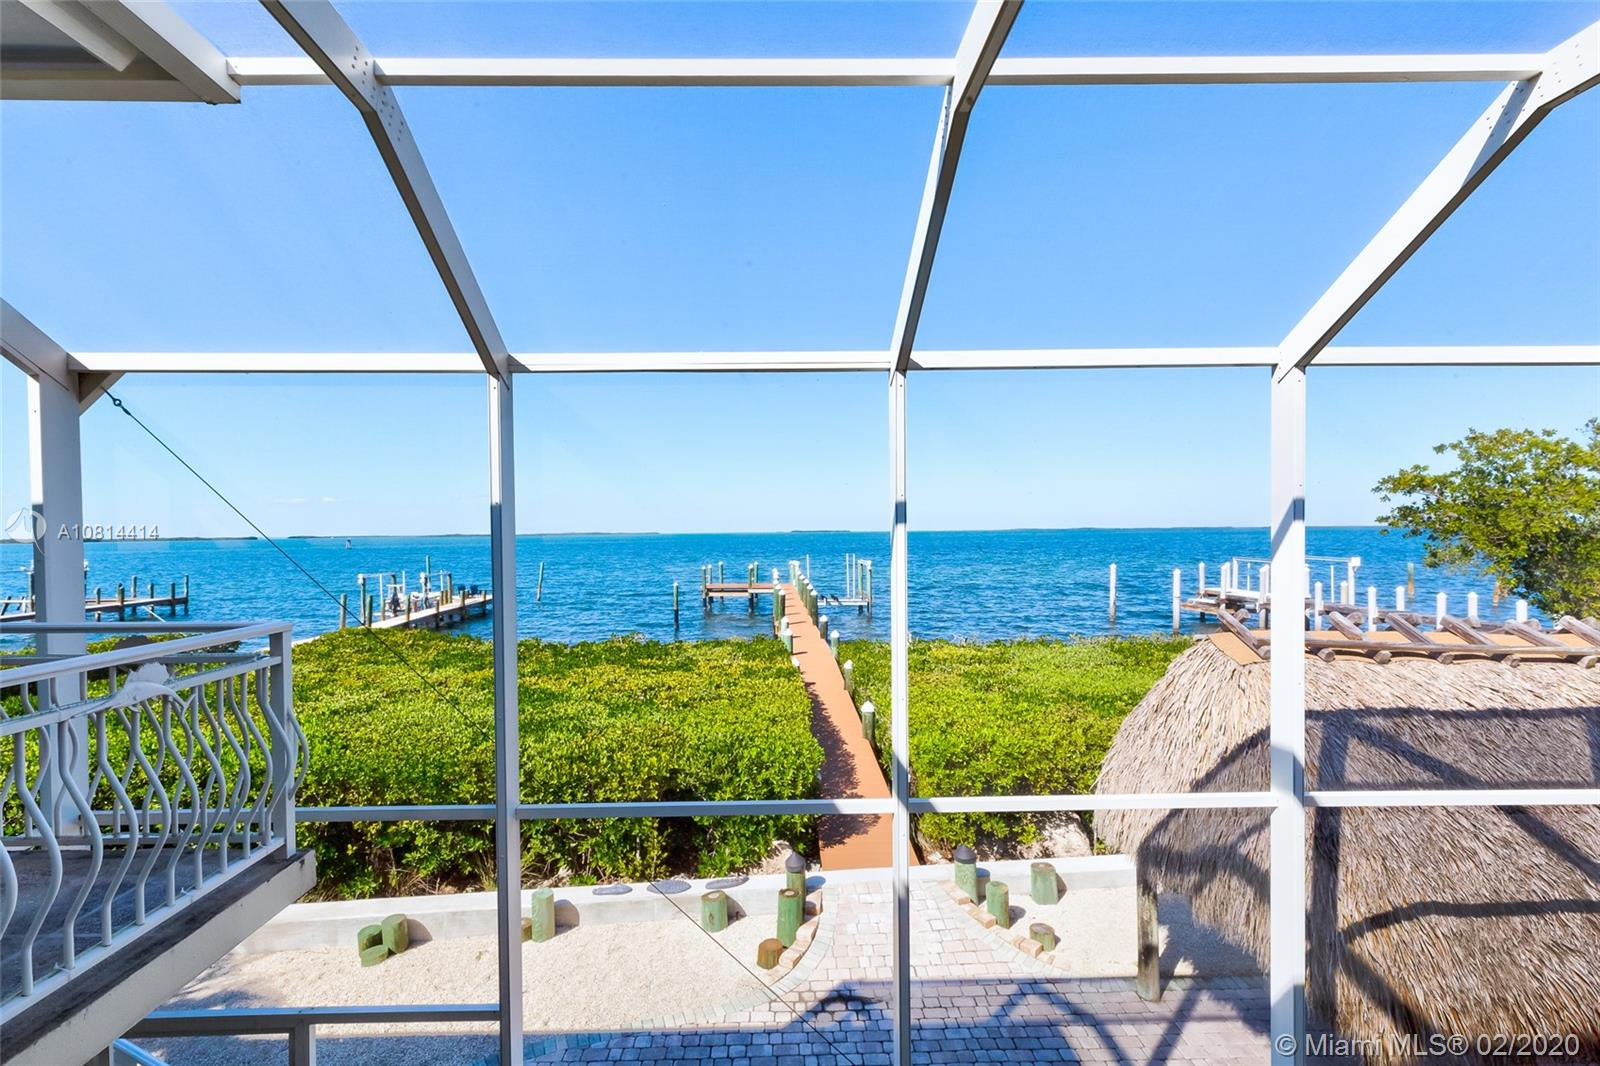 79 Mutiny Pl, Key Largo, FL 33037 - Key Largo, FL real estate listing